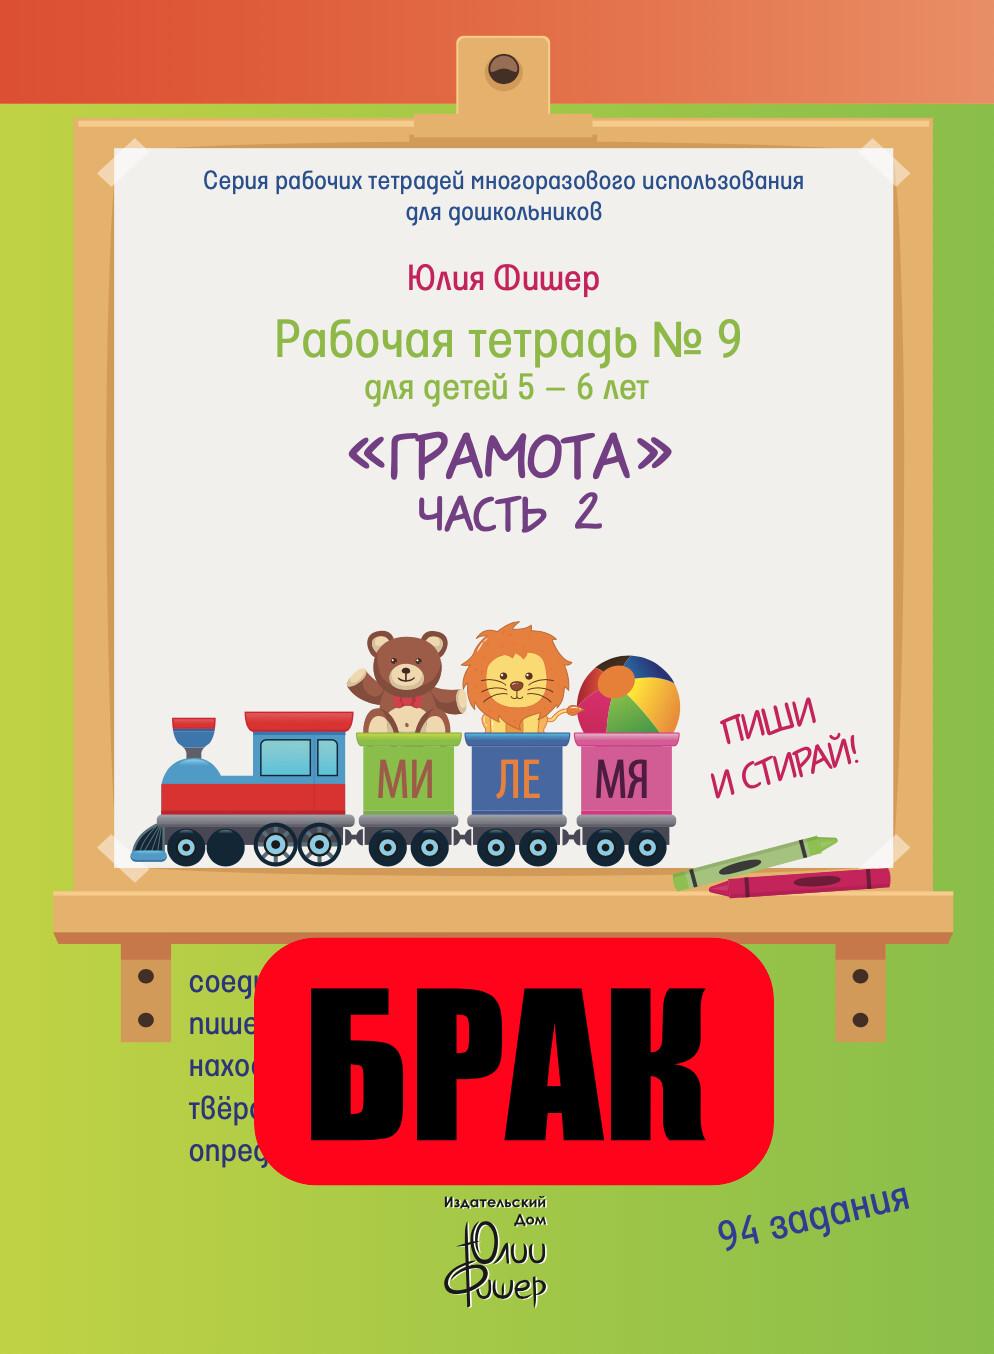 БРАК. Рабочая тетрадь № 9 для детей 5-6 лет «Грамота», часть 2. Маркер в комплекте (зелёный)